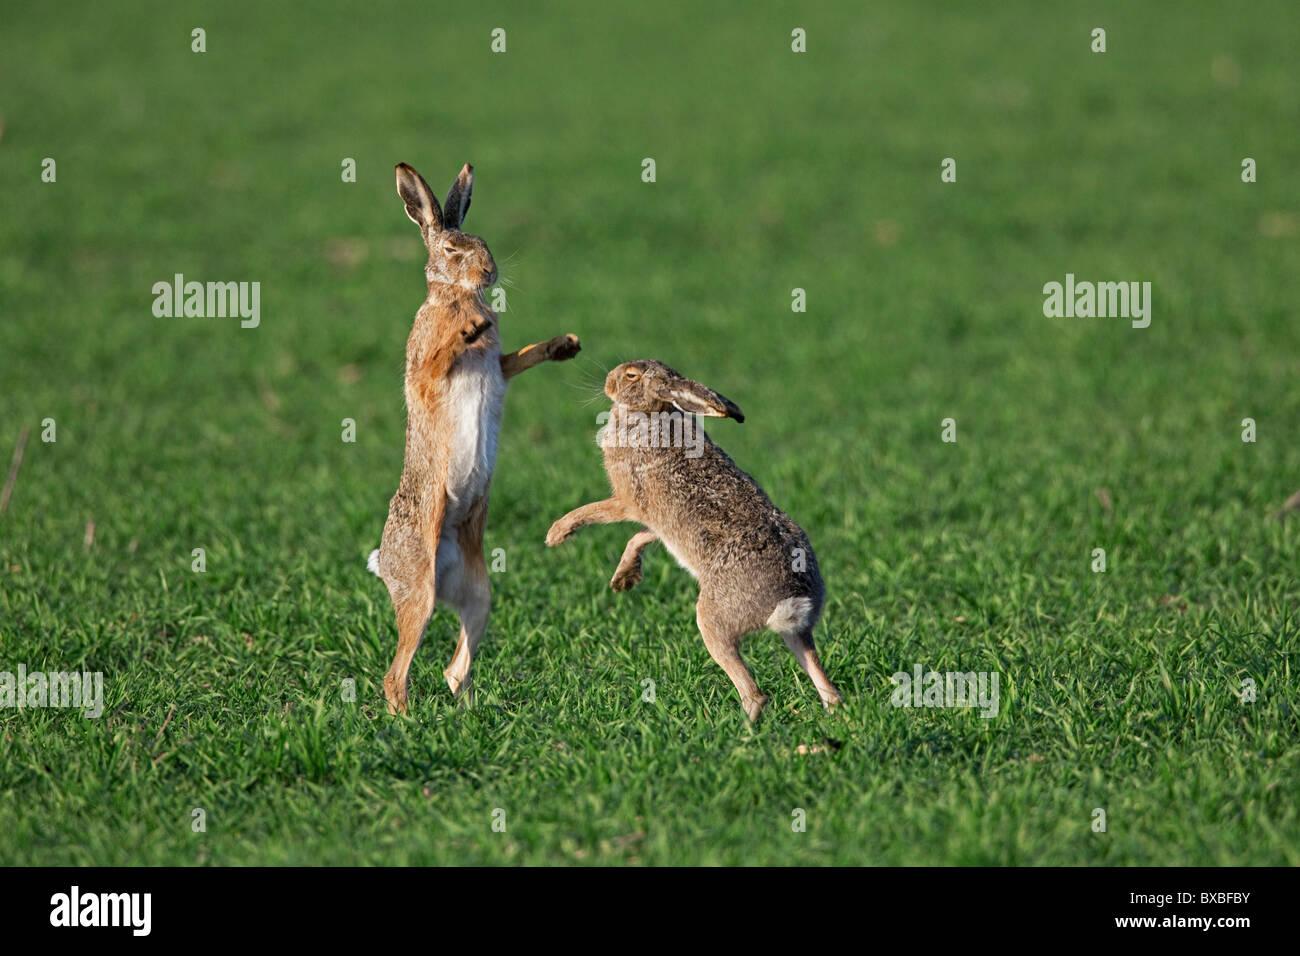 Les lièvres bruns d'Europe (Lepus europaeus) / boxe combats au champ pendant la saison de reproduction, Photo Stock